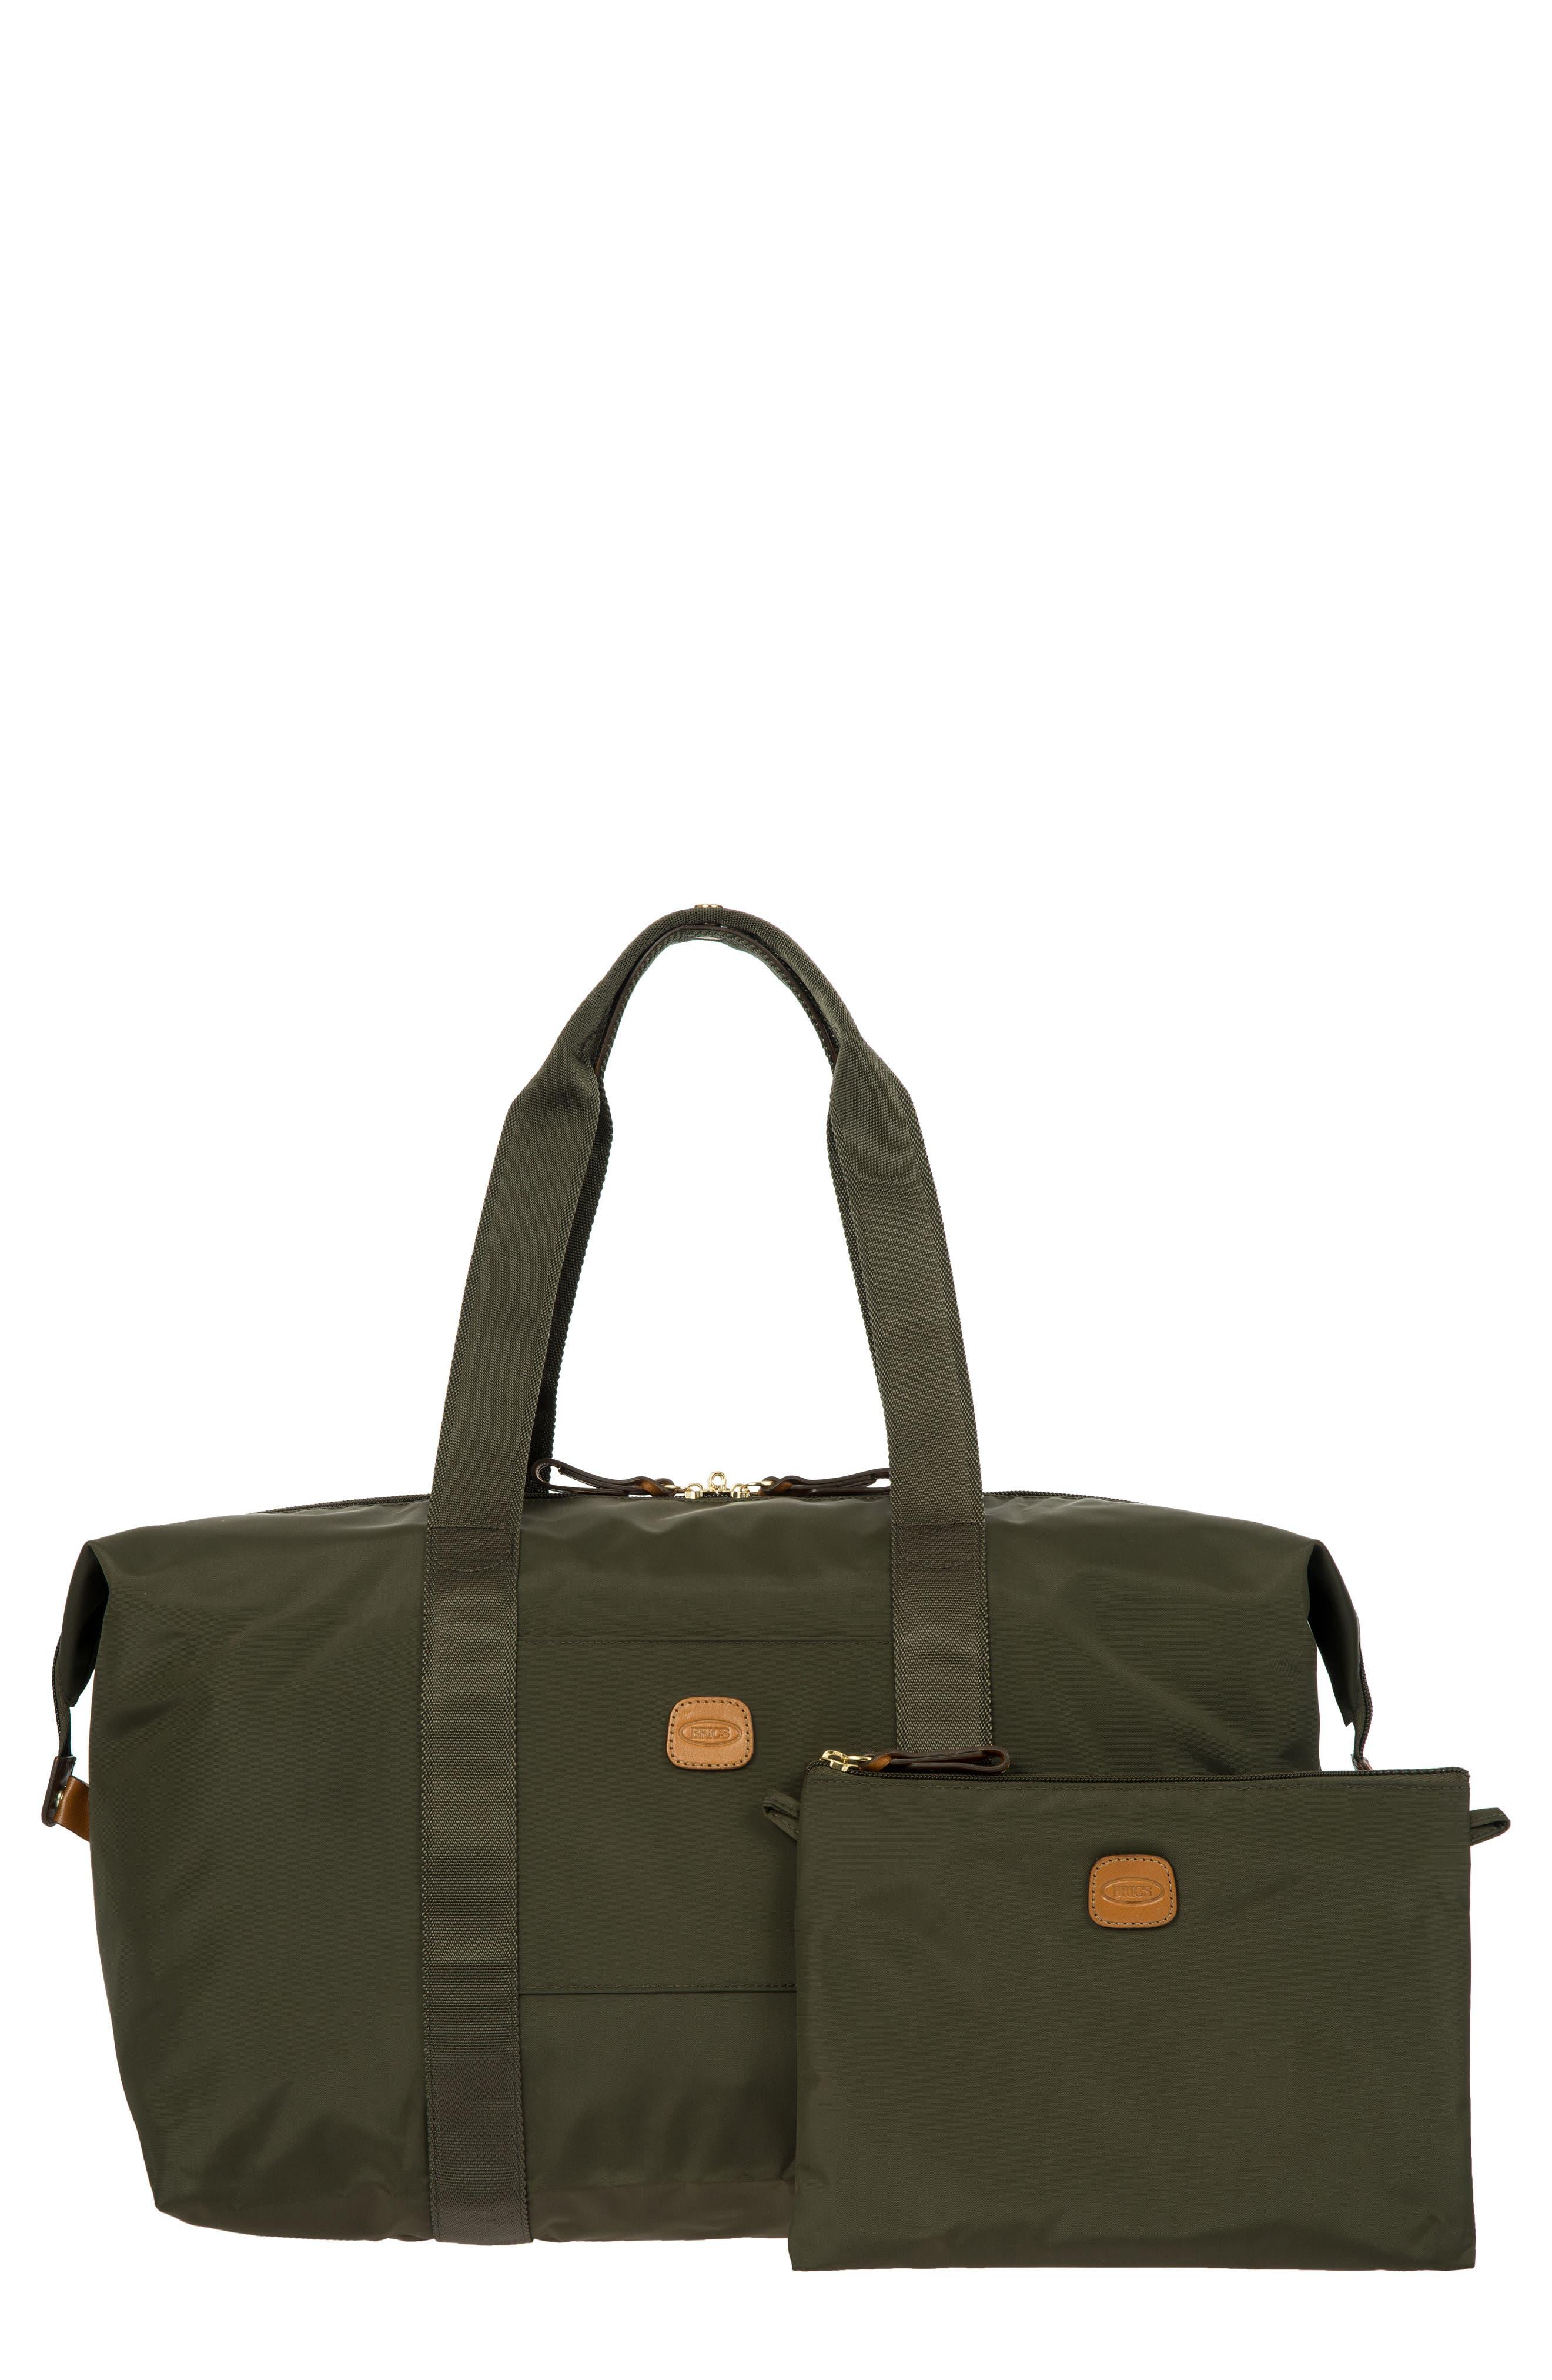 Alternate Image 1 Selected - Bric's X-Bag 18-Inch Folding Duffel Bag